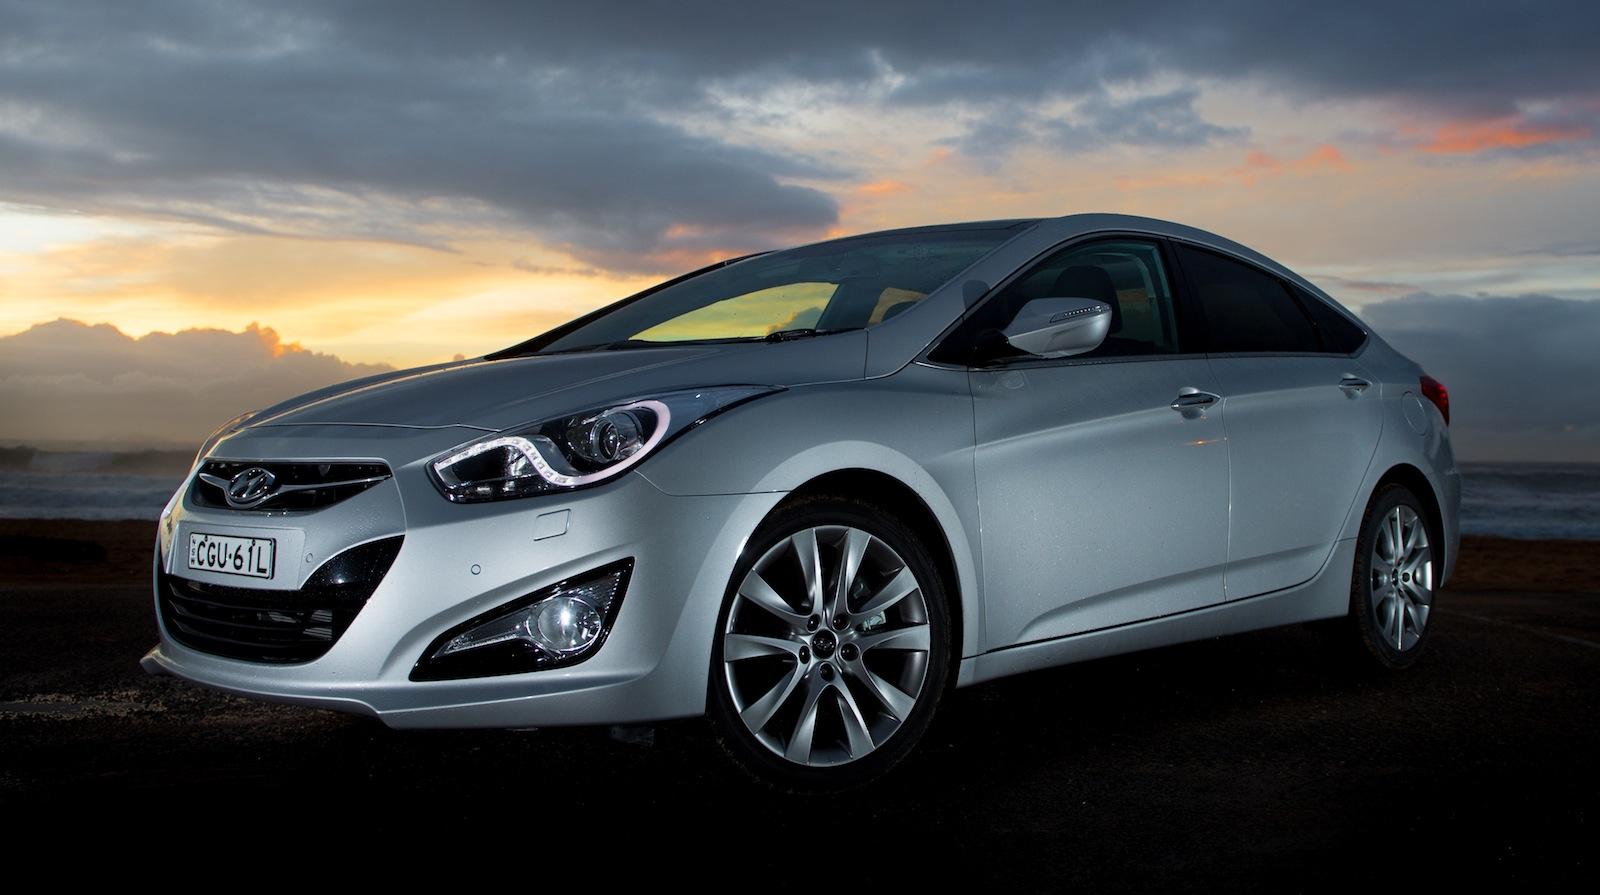 2016 Hyundai Santa Fe >> 2012 Hyundai i40 sedan expands mid-size line-up - photos ...